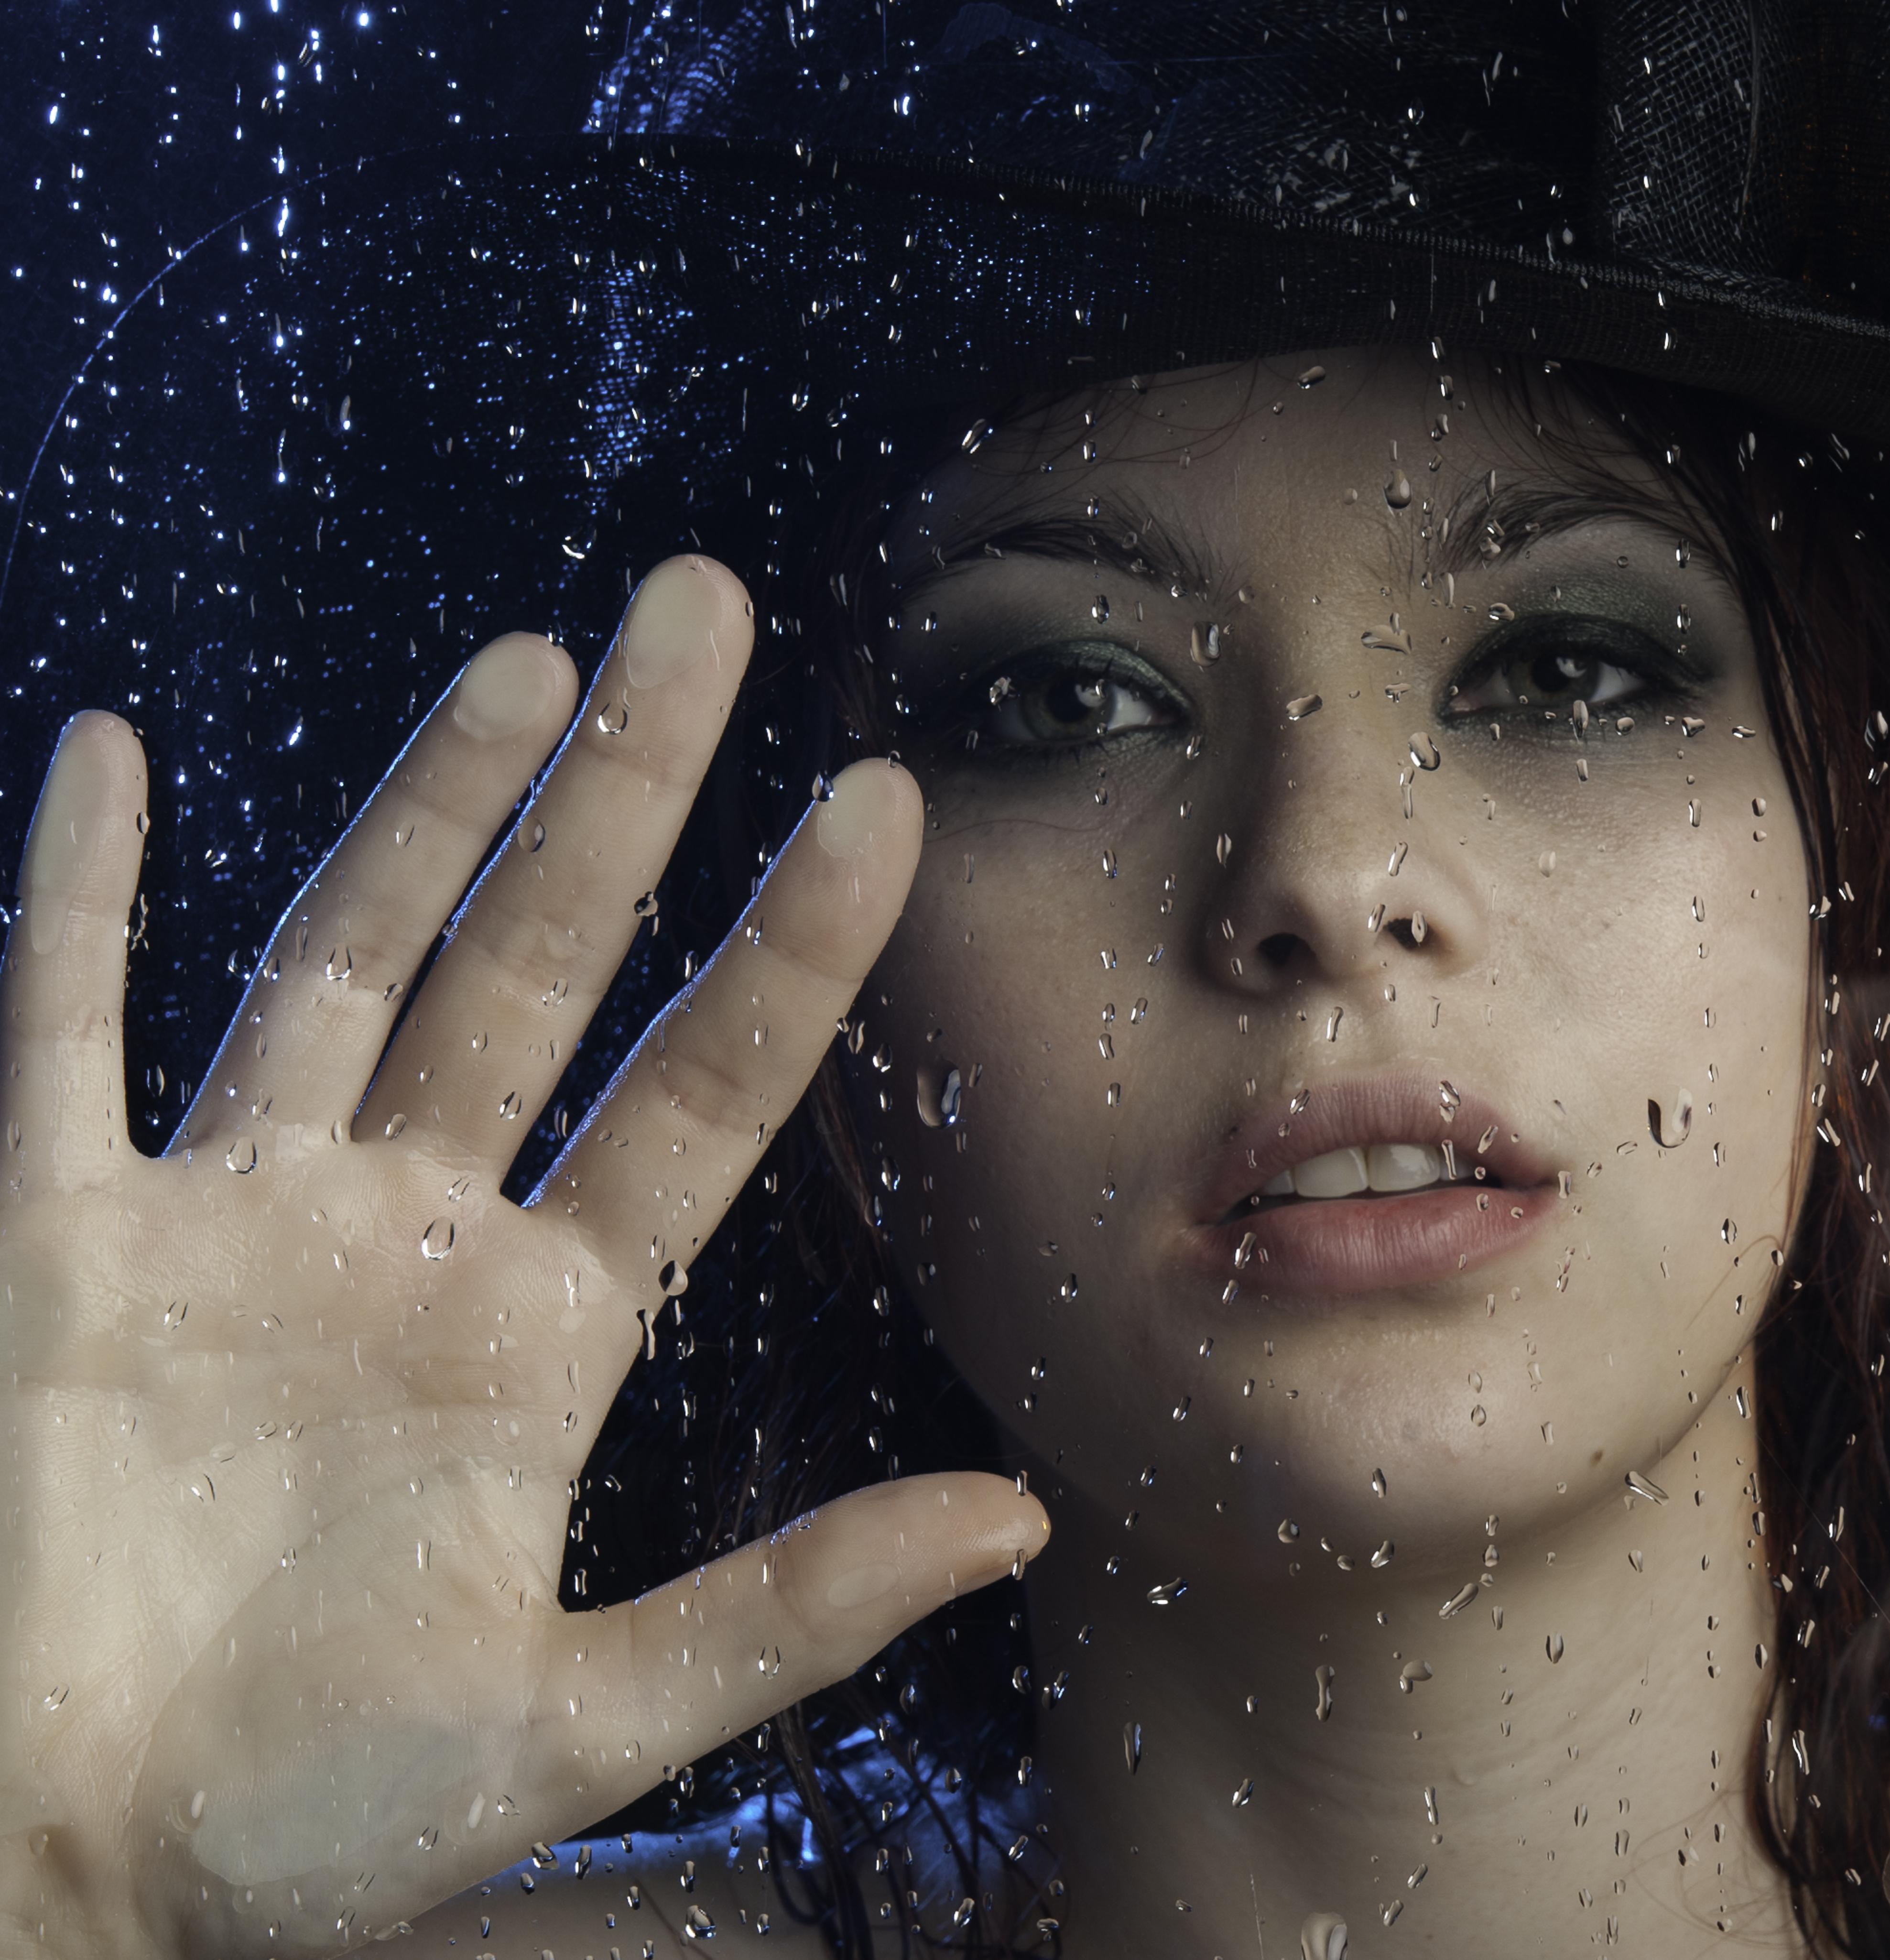 обои девушка, стекло, капли, девушка за стеклом картинки фото